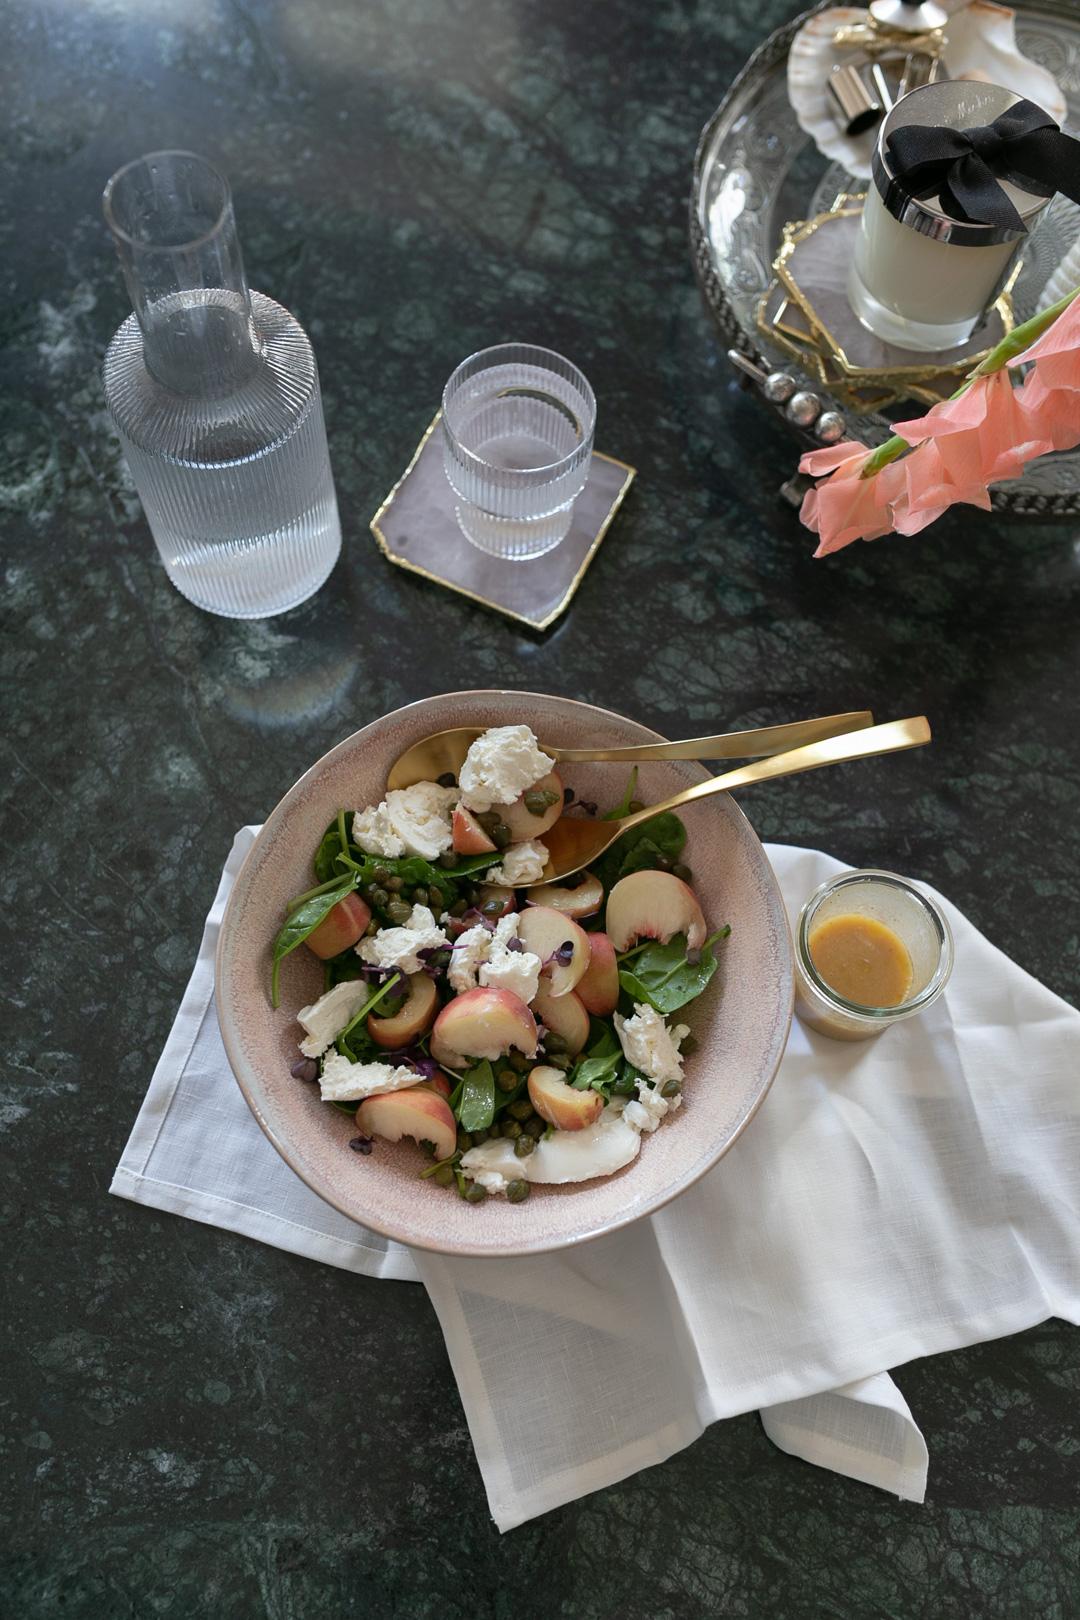 Rezept für einen spätsommerlichen Salat mit Weinbergpfirsichen und Burrata | www.piecesofmariposa.com